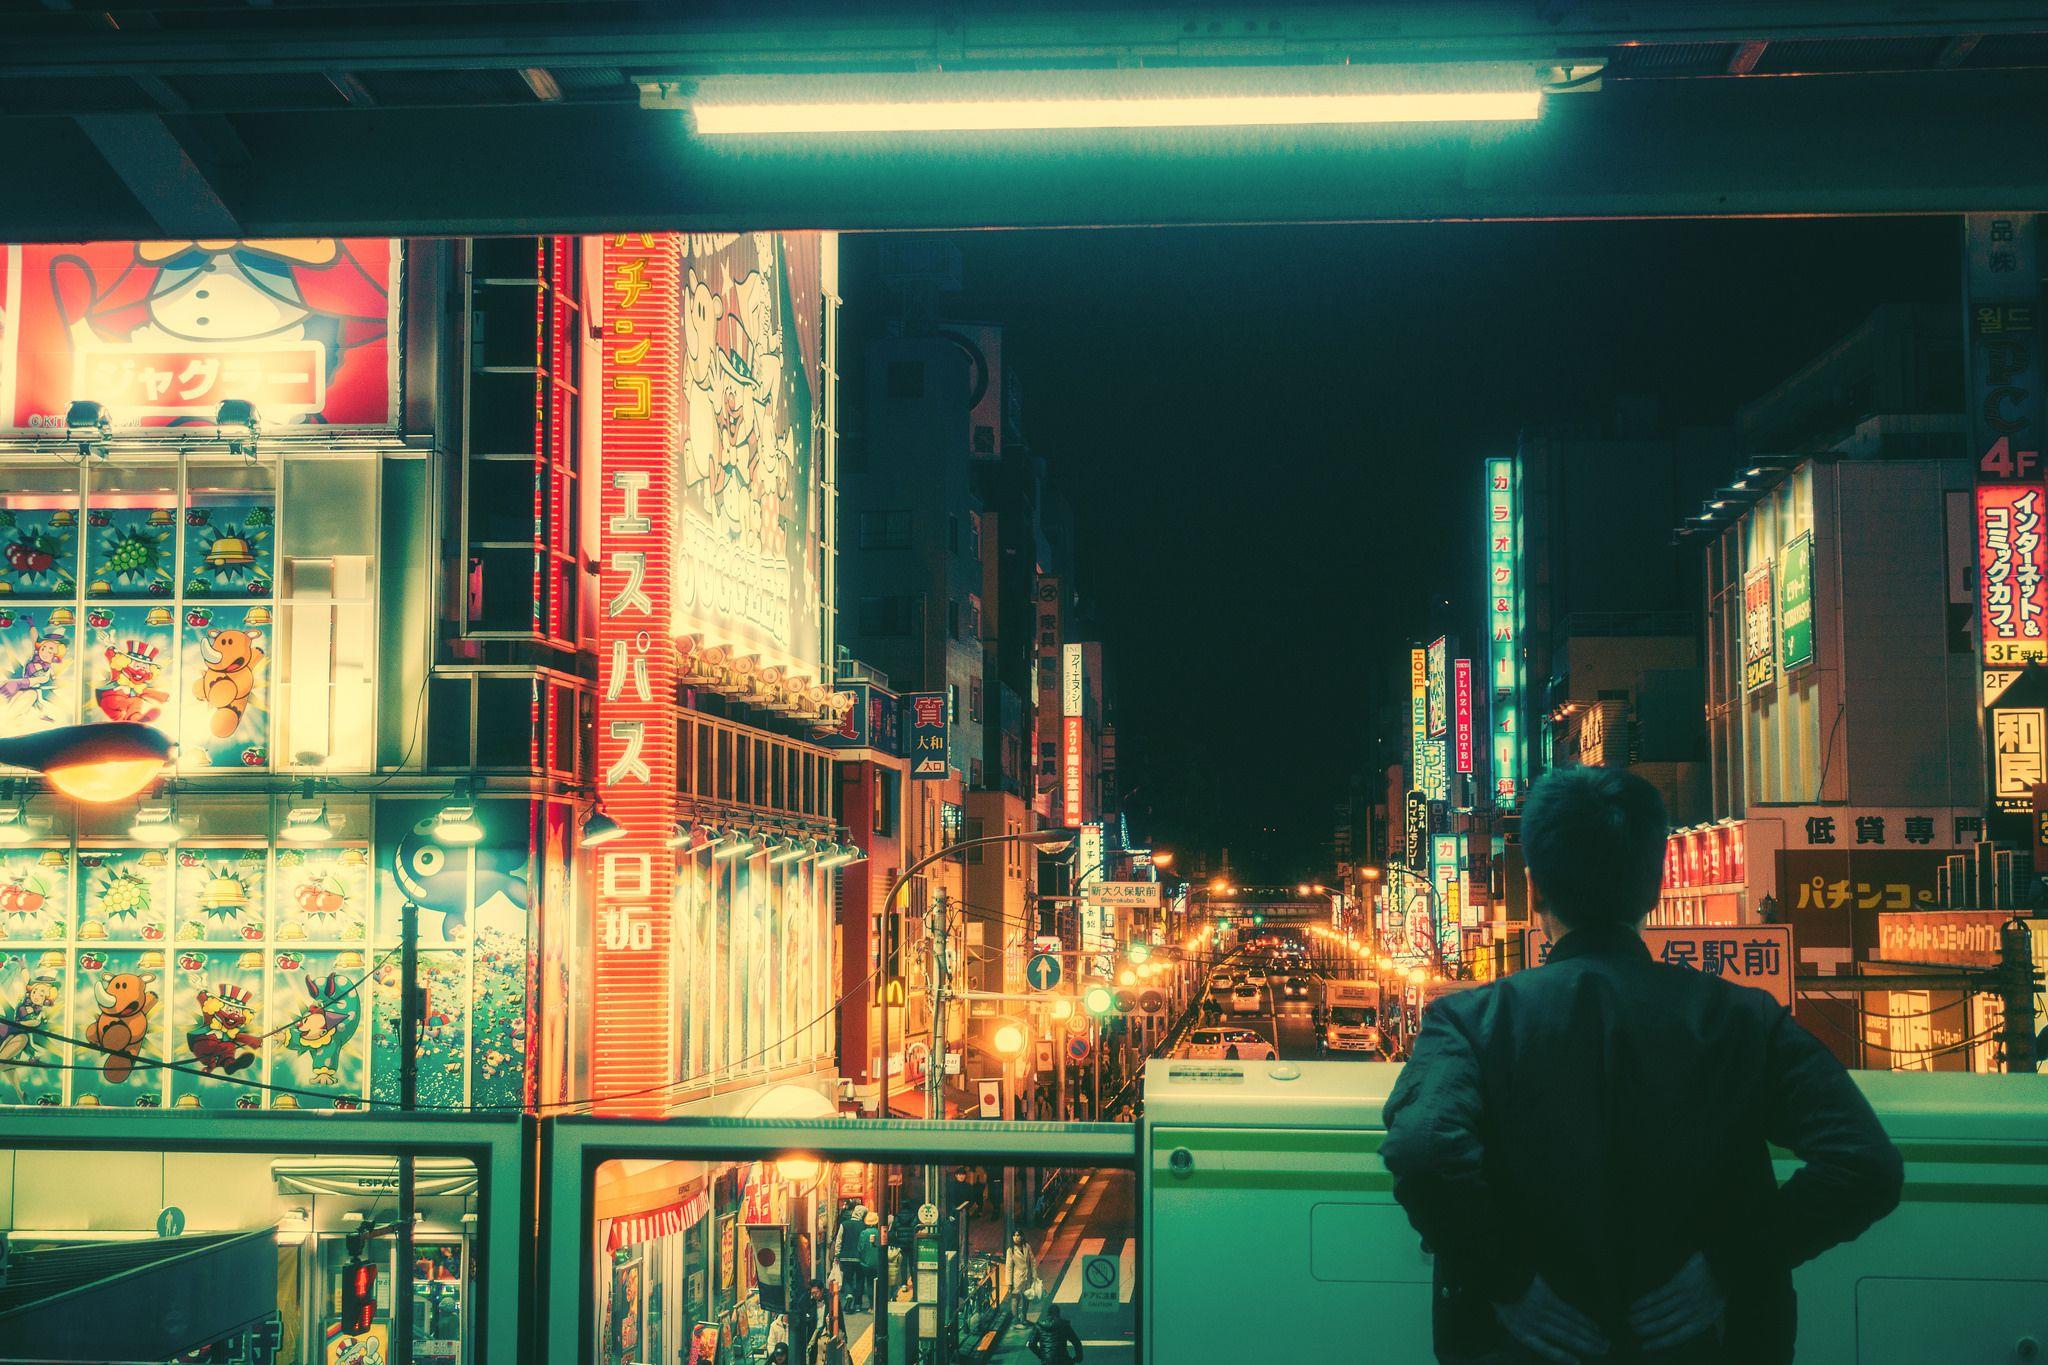 Ảnh ngắm thành phố về đêm một mình